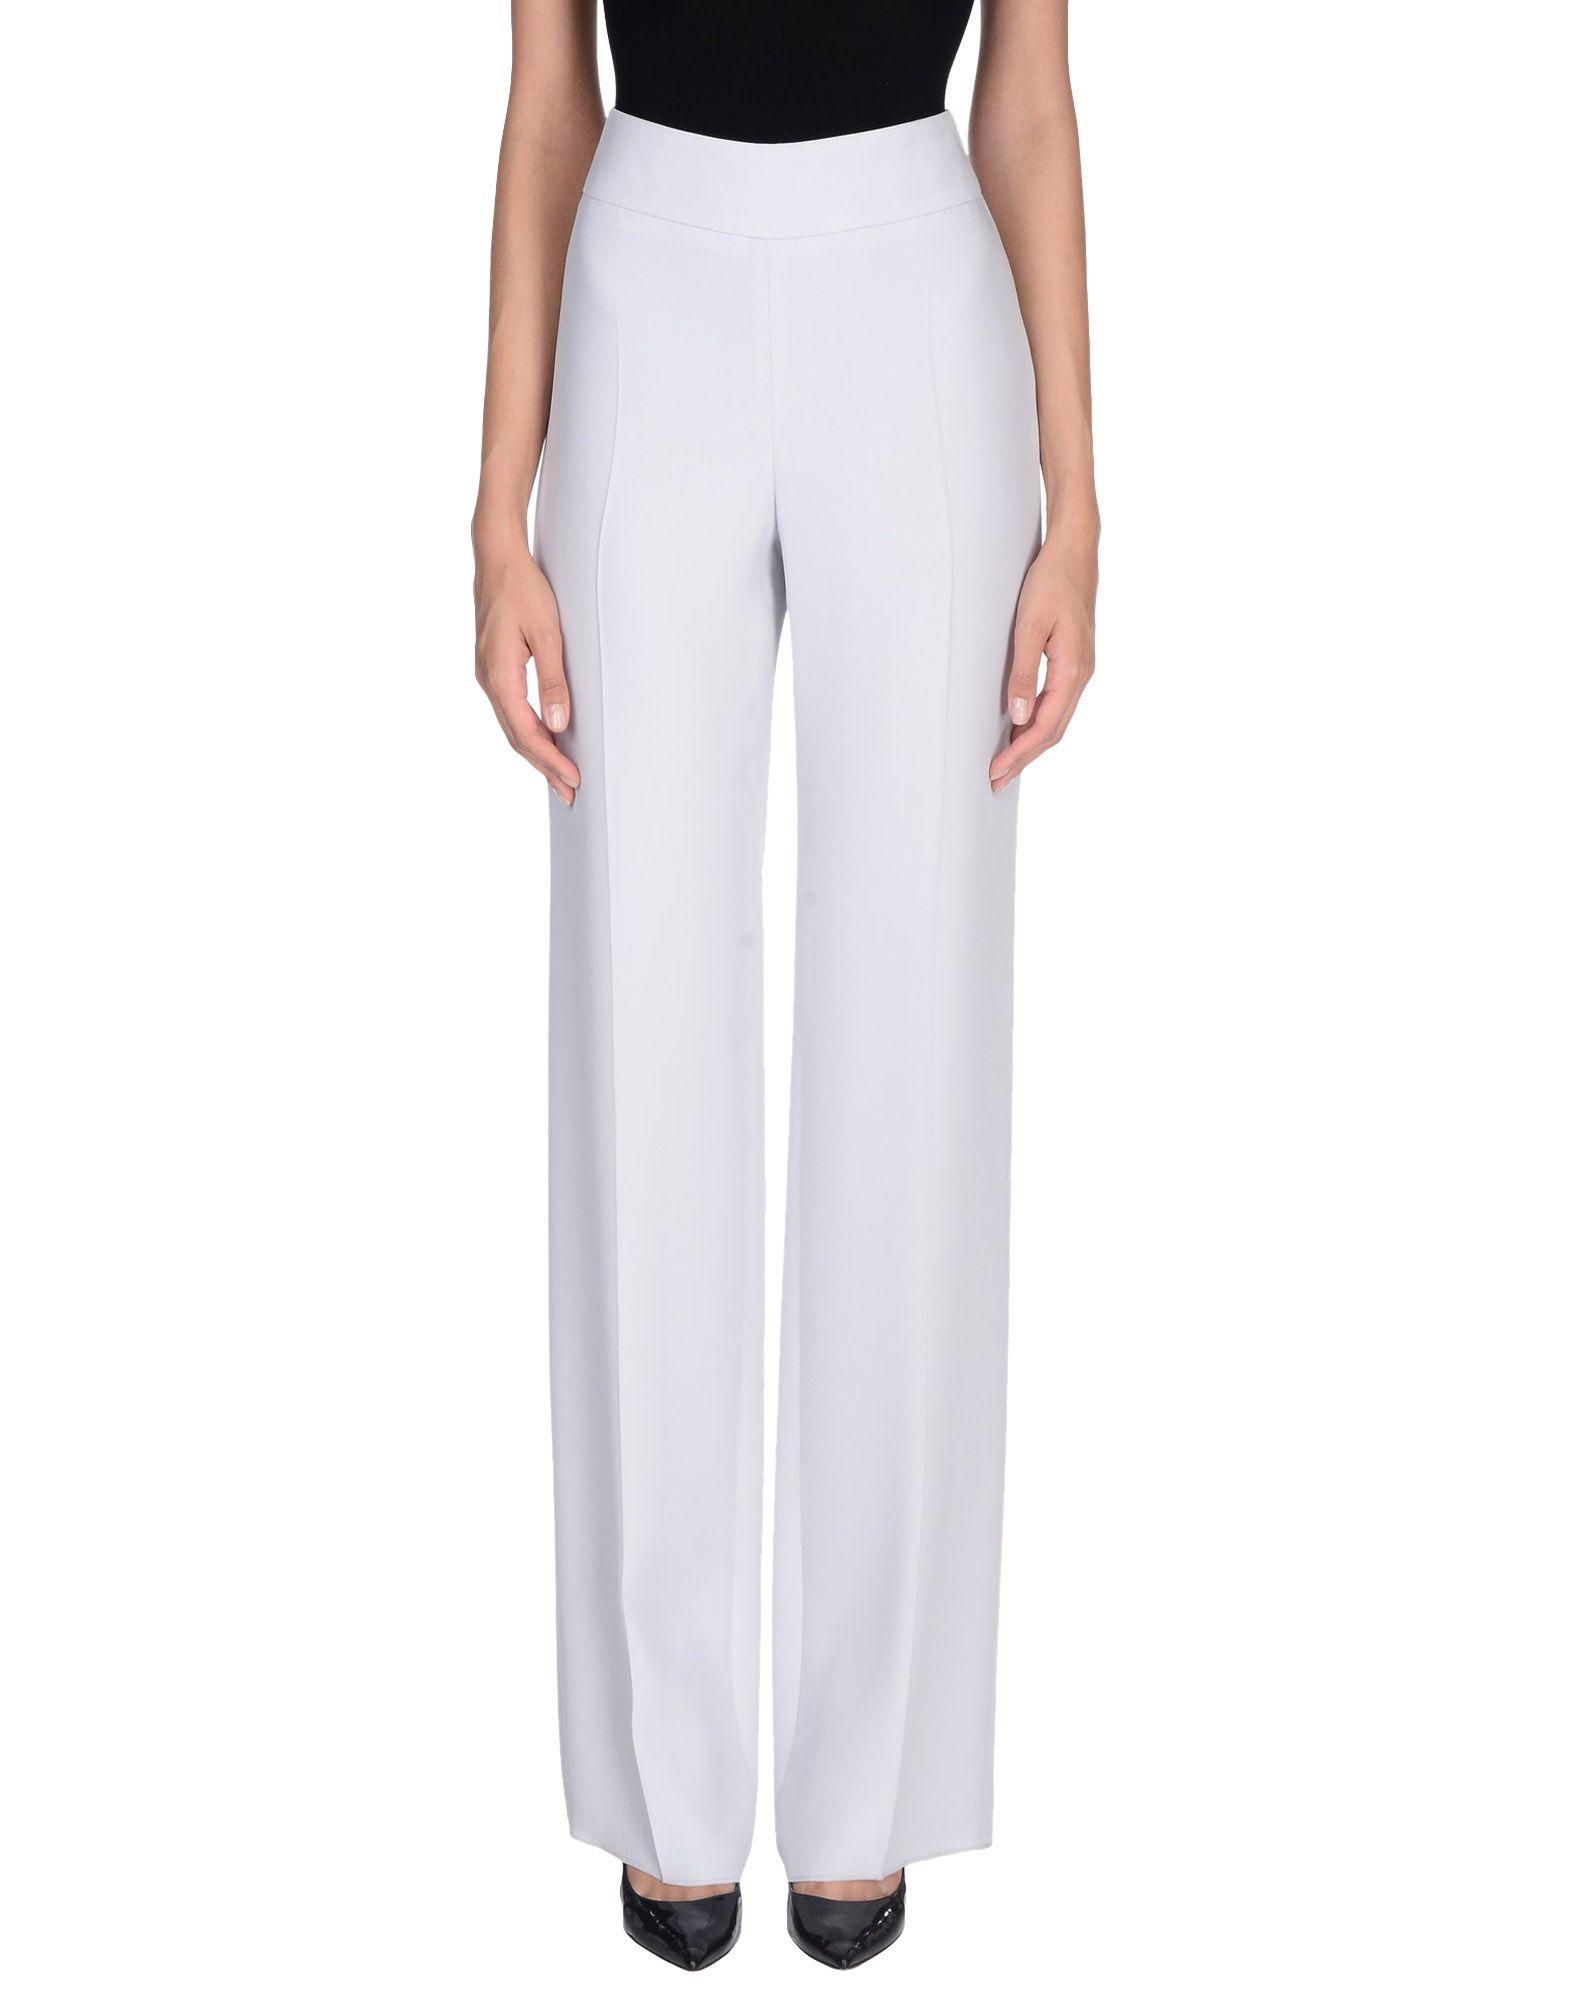 Pantalone Armani Collezioni Donna - Acquista online su wXhwFh74